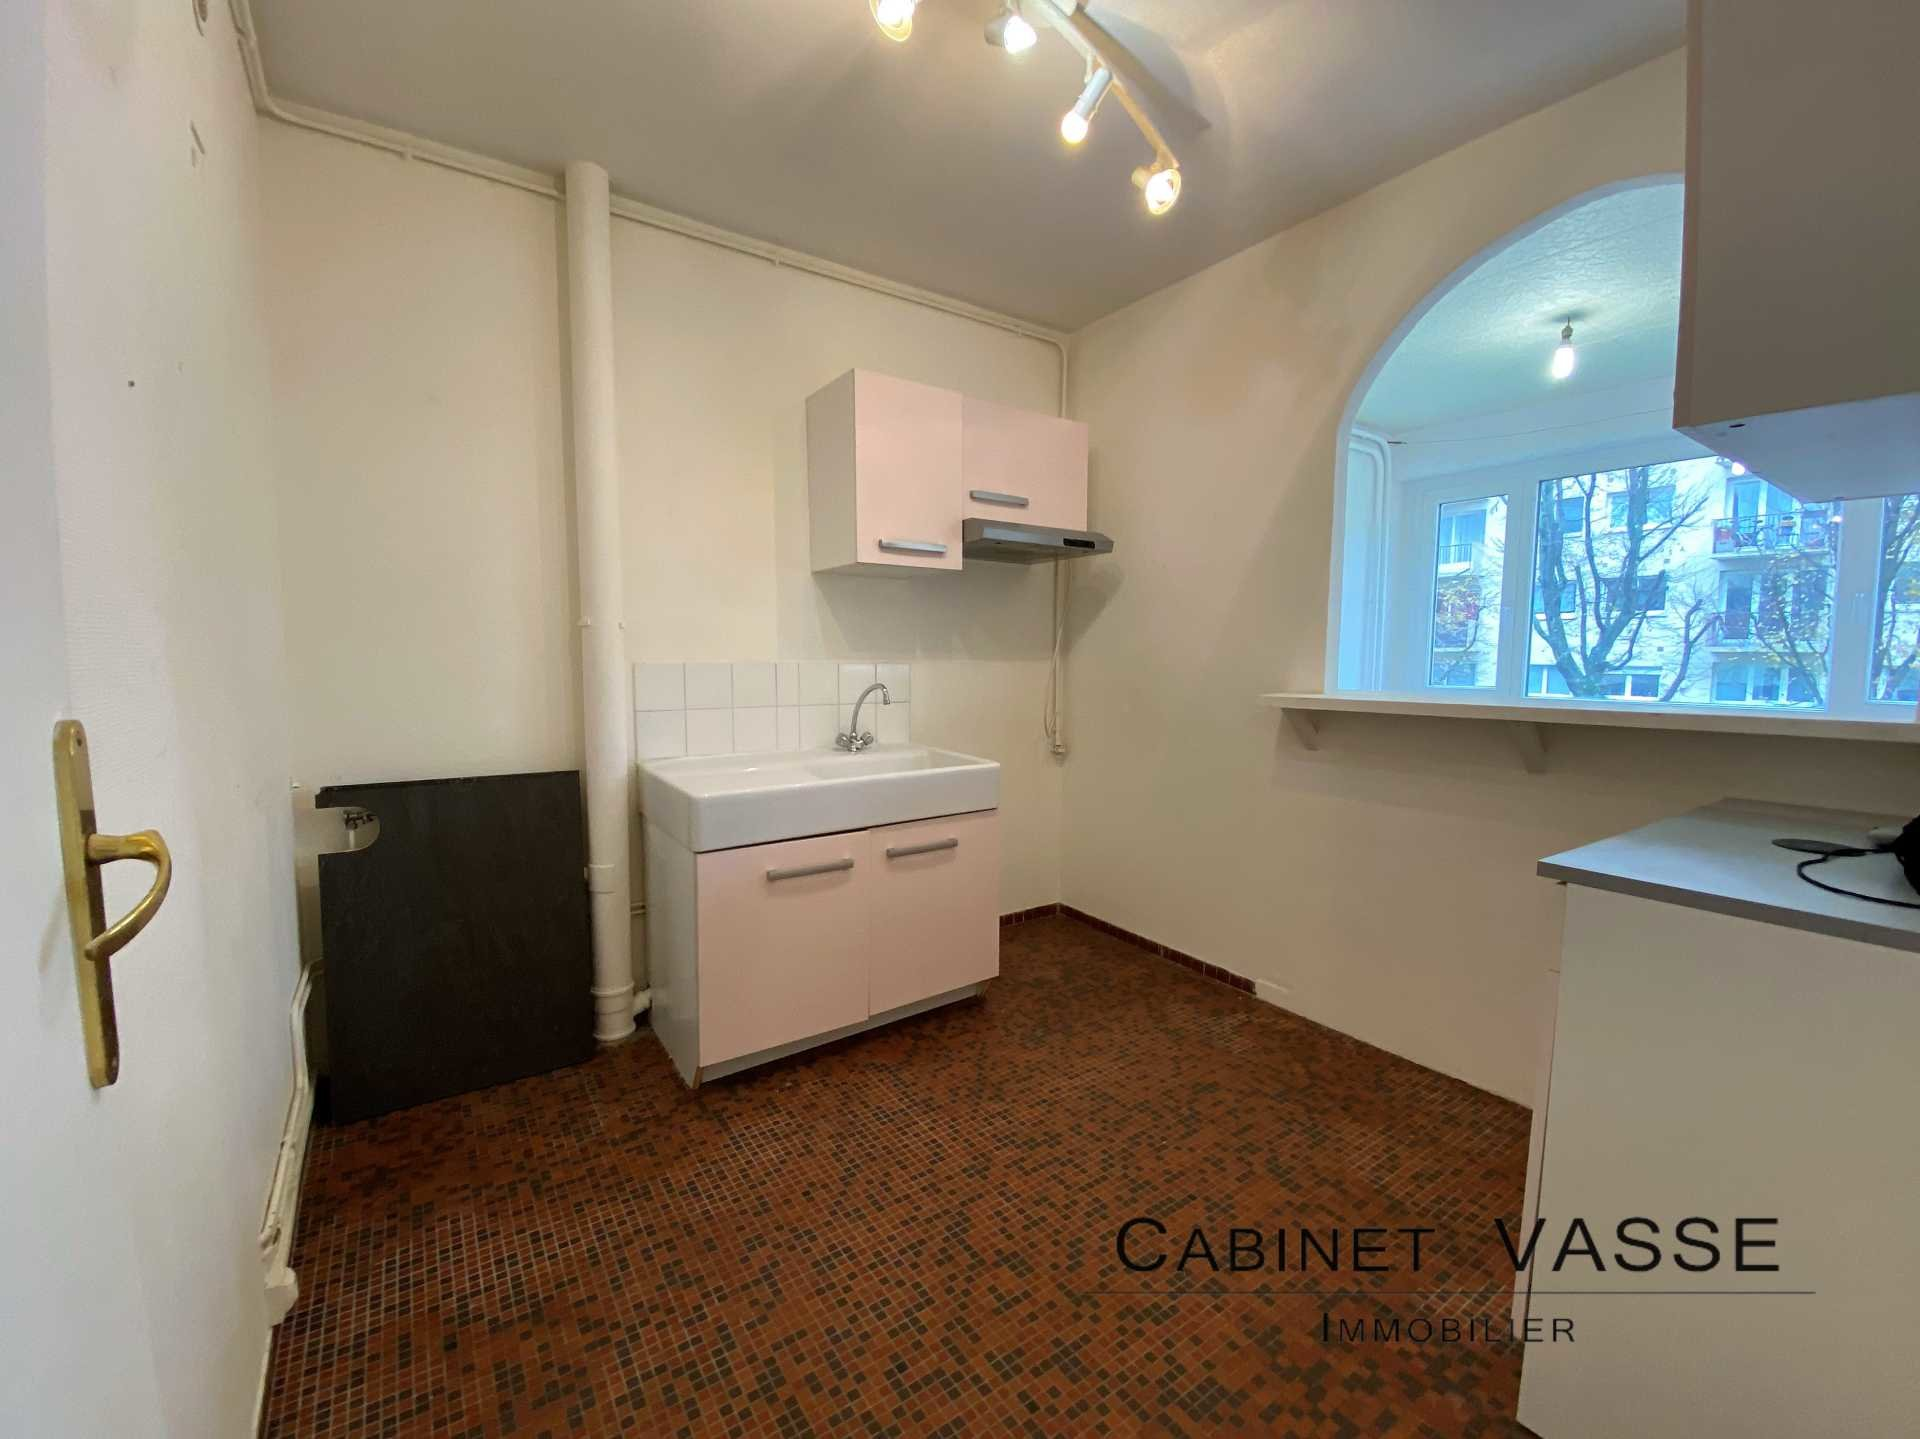 Vente Appartement - Hérouville-Saint-Clair